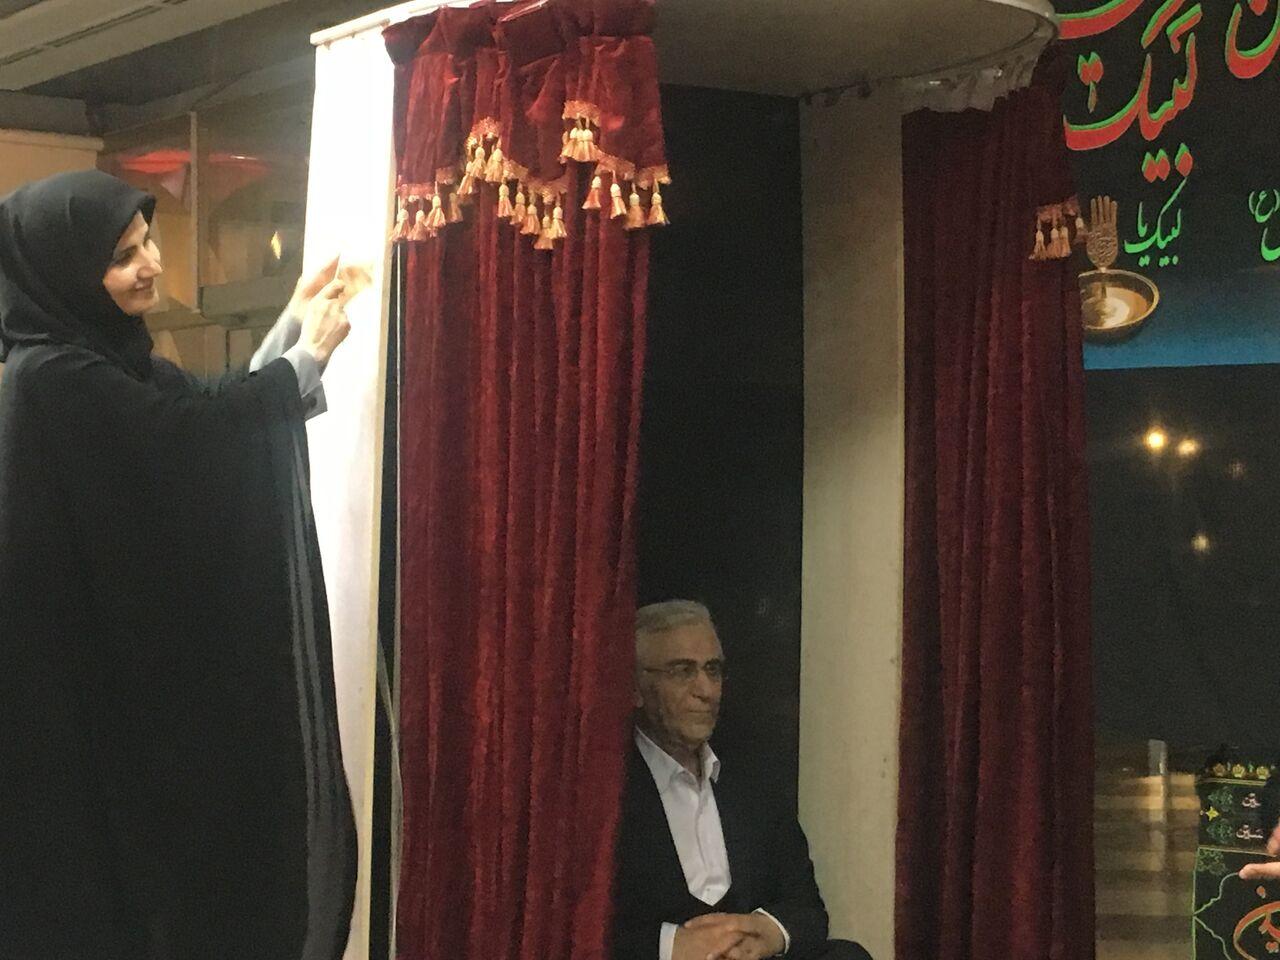 رونمایی از تندیس پدر علم حقوق ایران با حضور معاون حقوقی رئیس جمهور